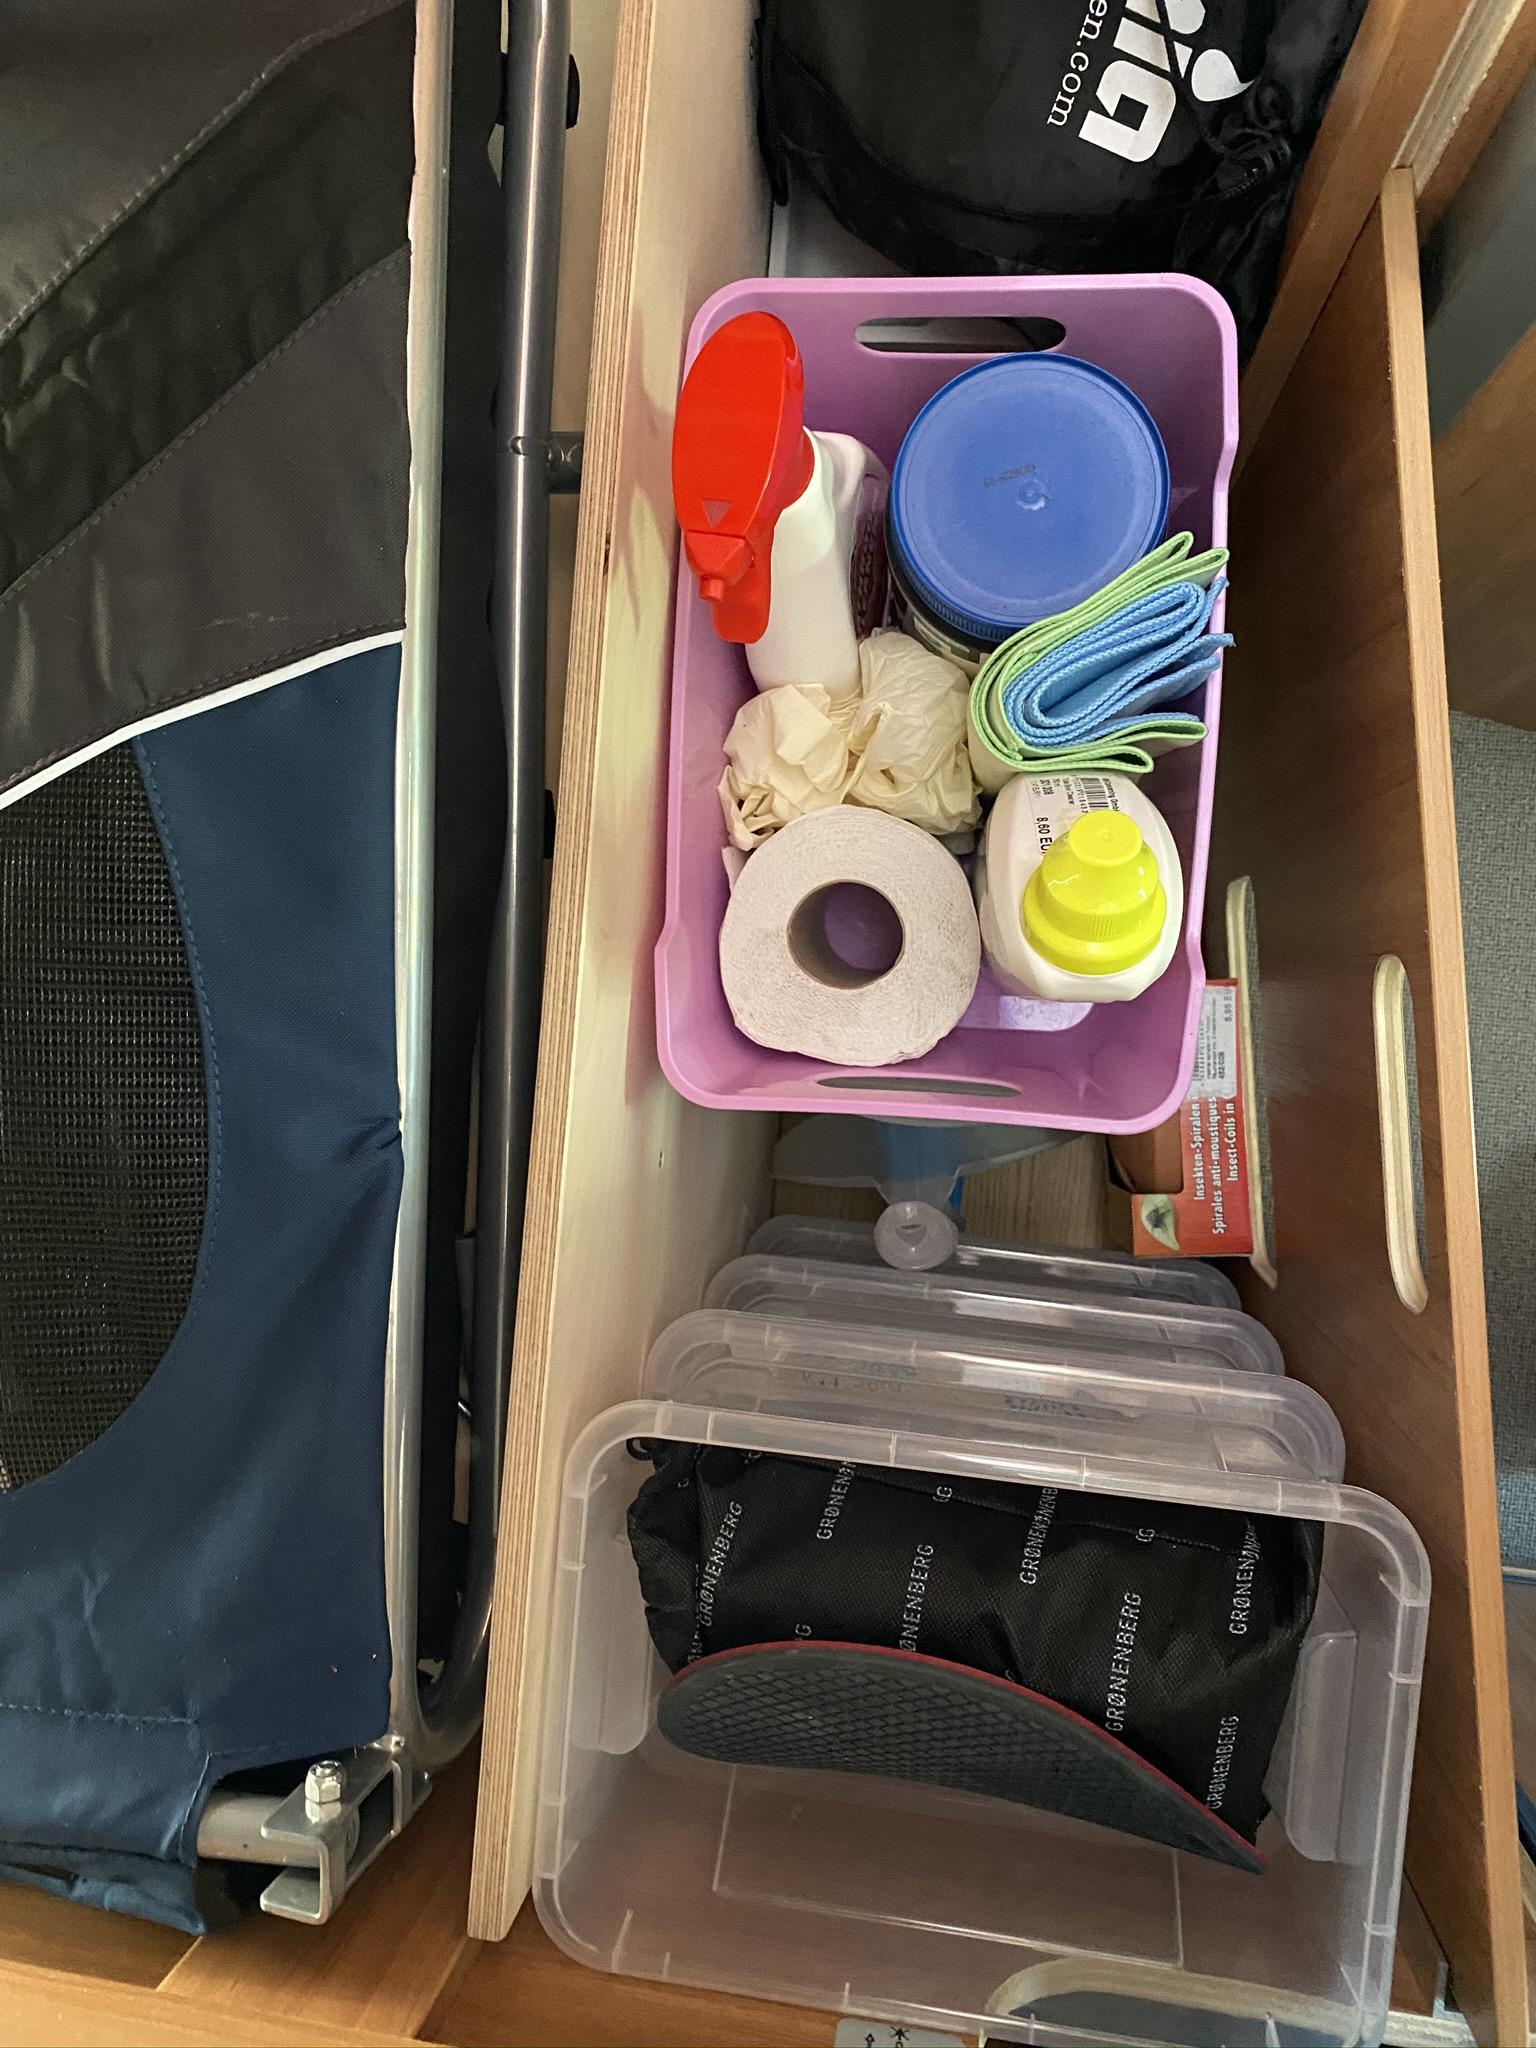 In der vierten Kiste über dem Gemüse findet unser Kaffekocher verstaut und auf der Krimskramskiste Toilettenhygiene.